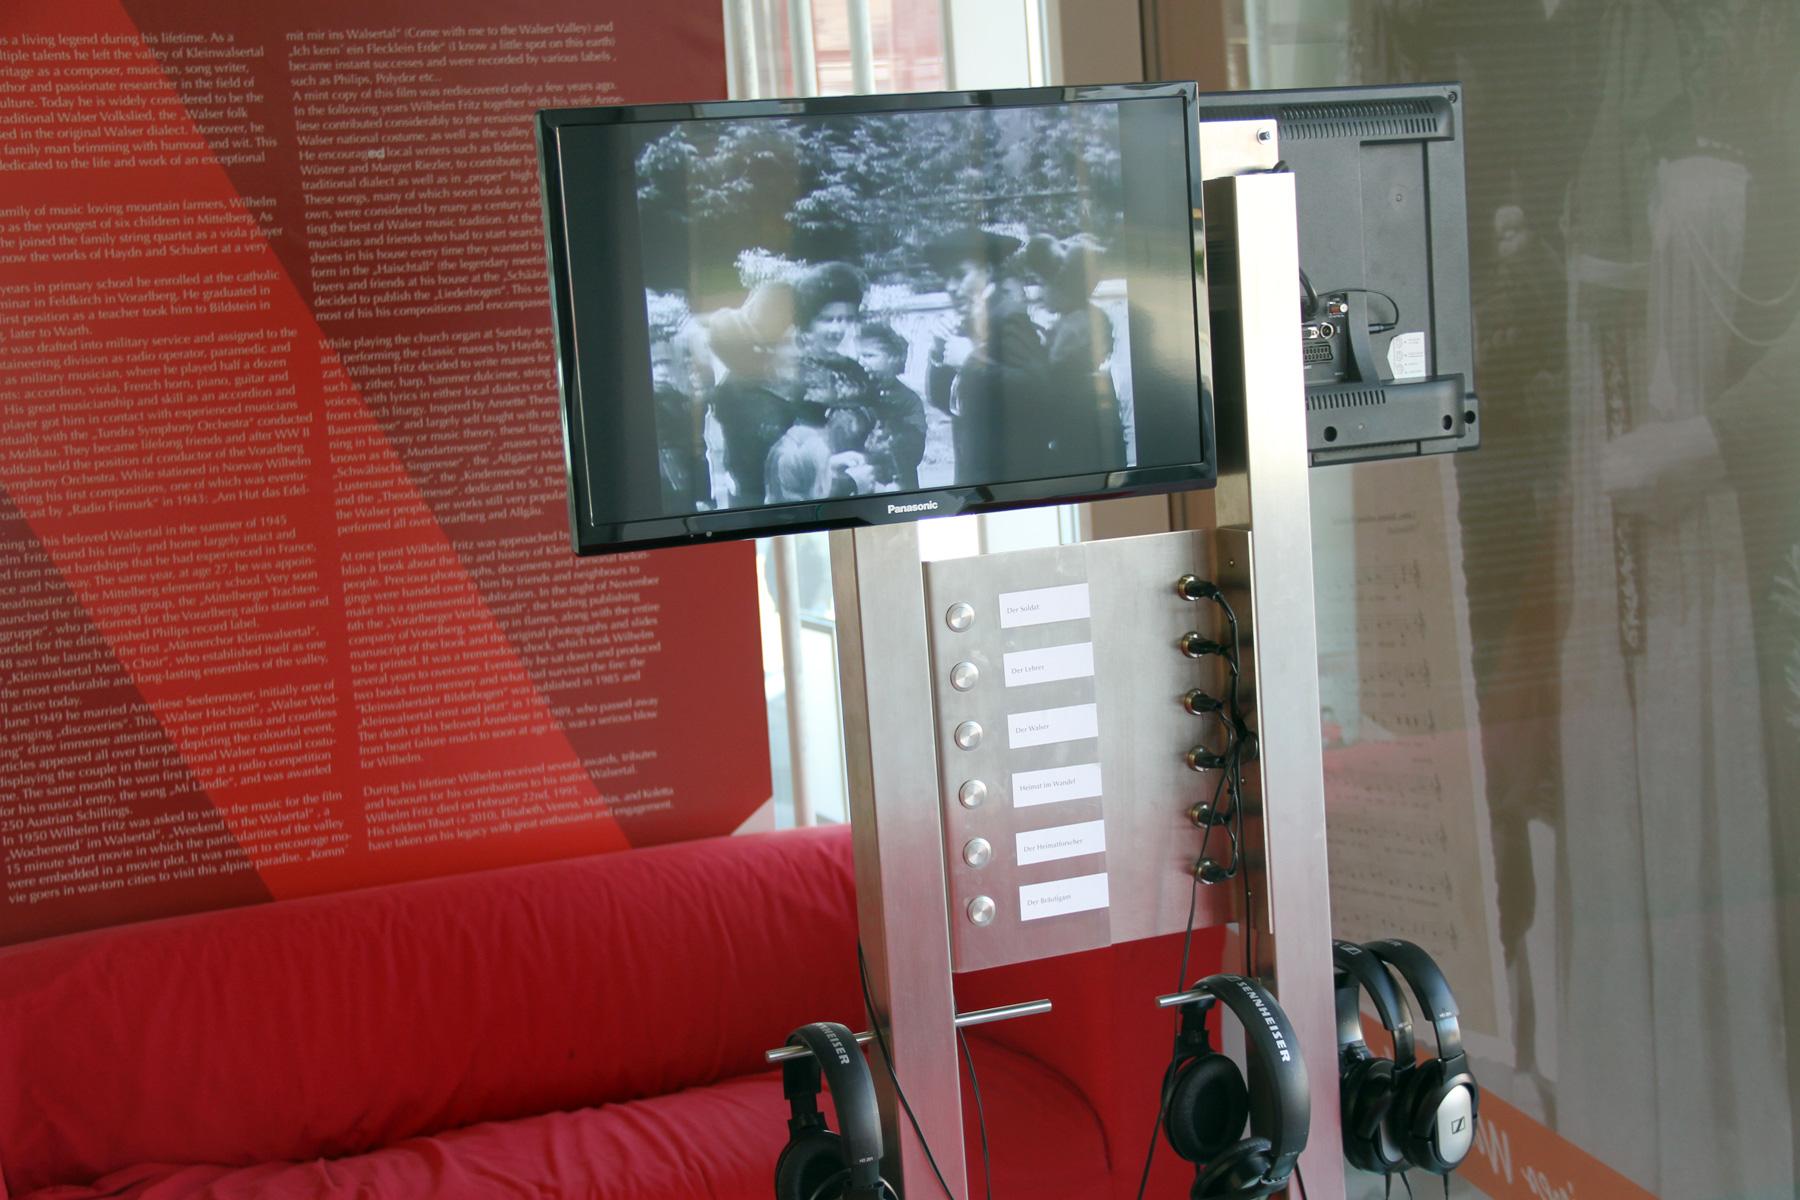 100 Jahre Wilhelm Fritz – Ausstellung im STERN, Riezlern